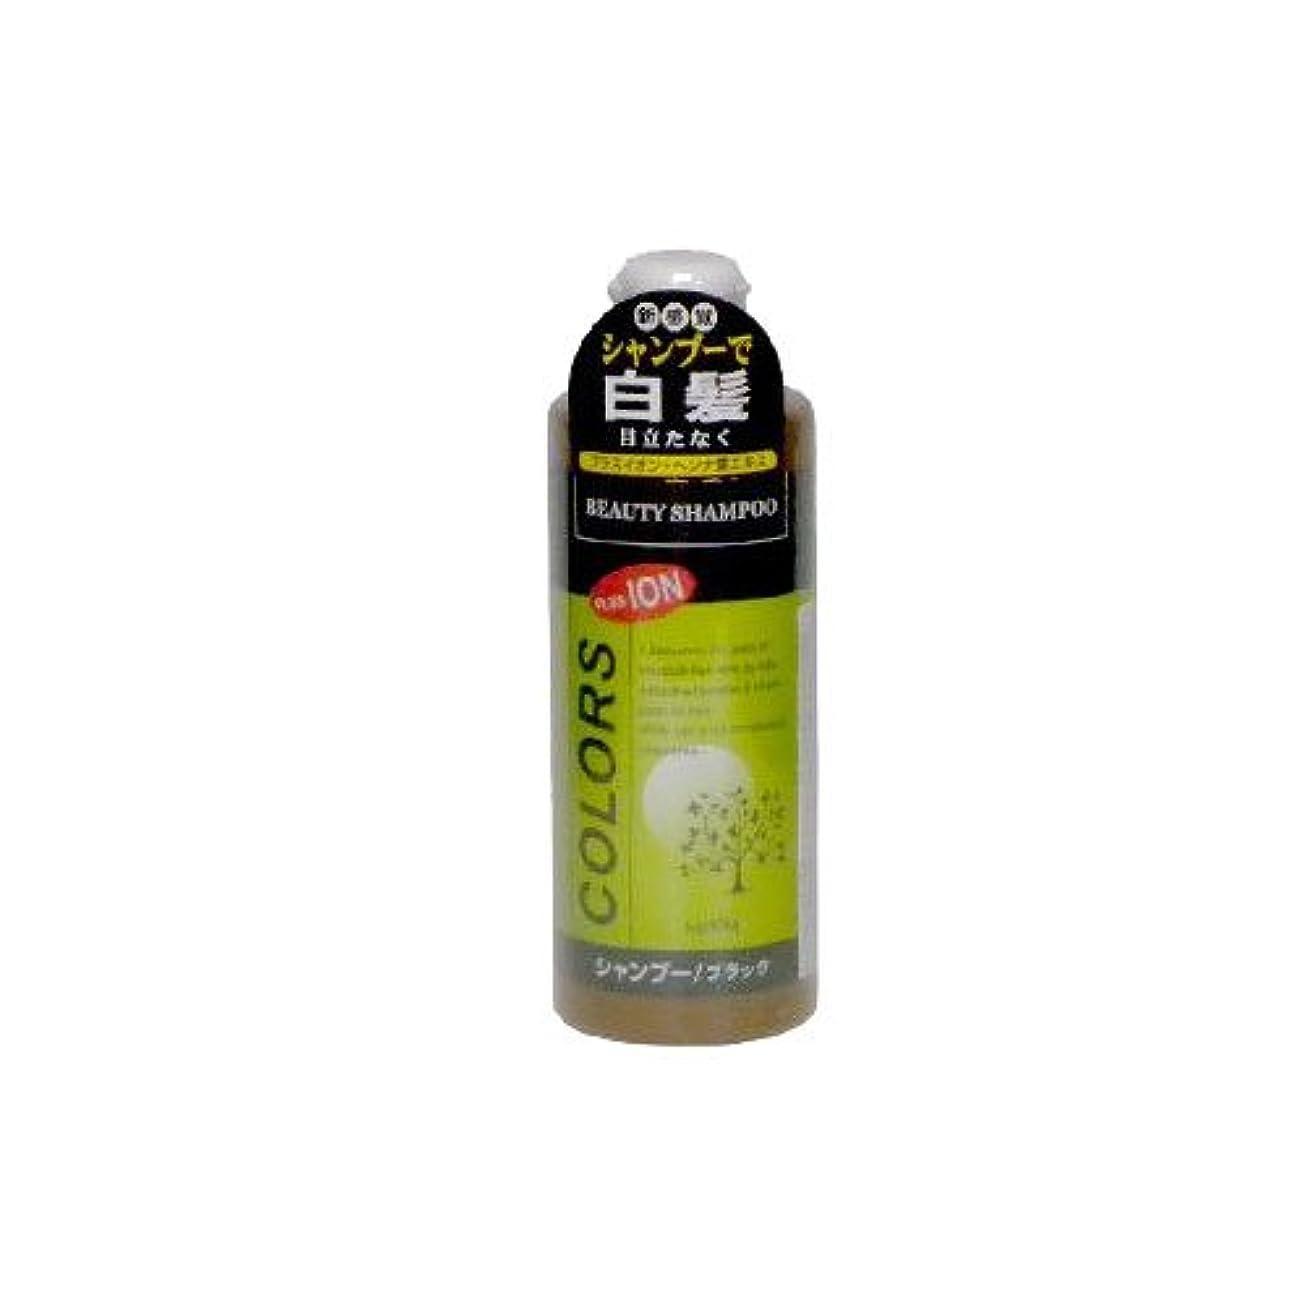 セブン理容室するモデムビューティーシャンプー300ml/ブラック